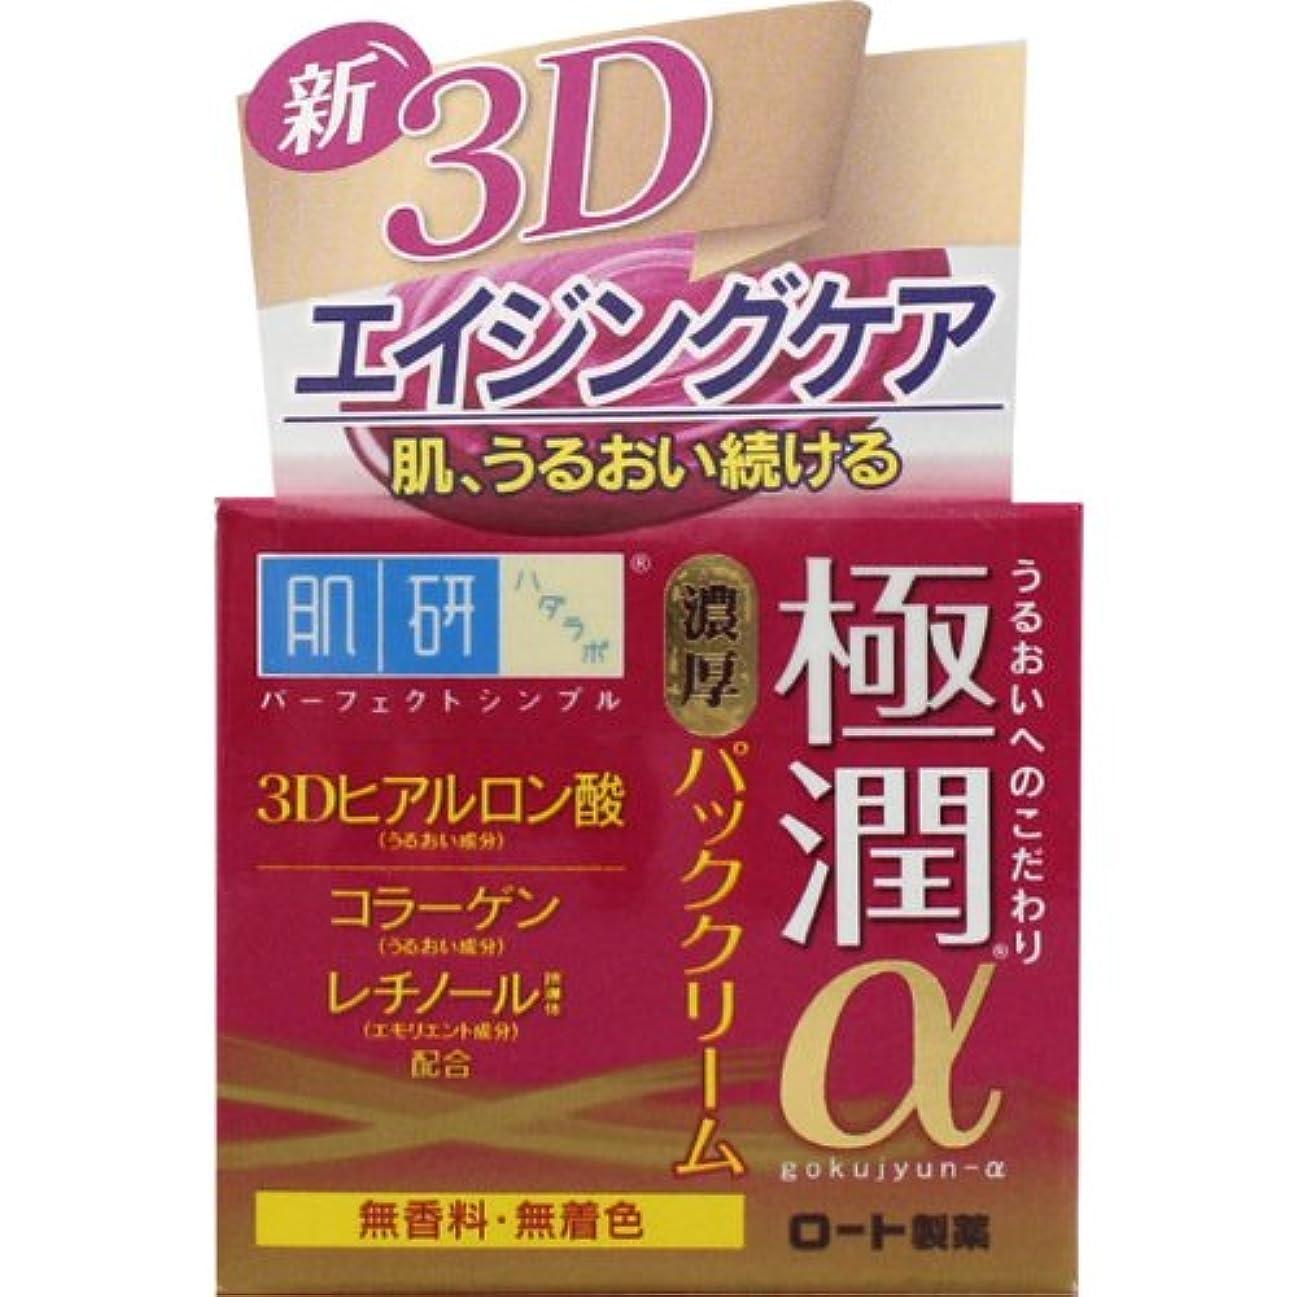 掘る予見する受け入れ肌研(ハダラボ) 極潤 αパッククリーム 50g